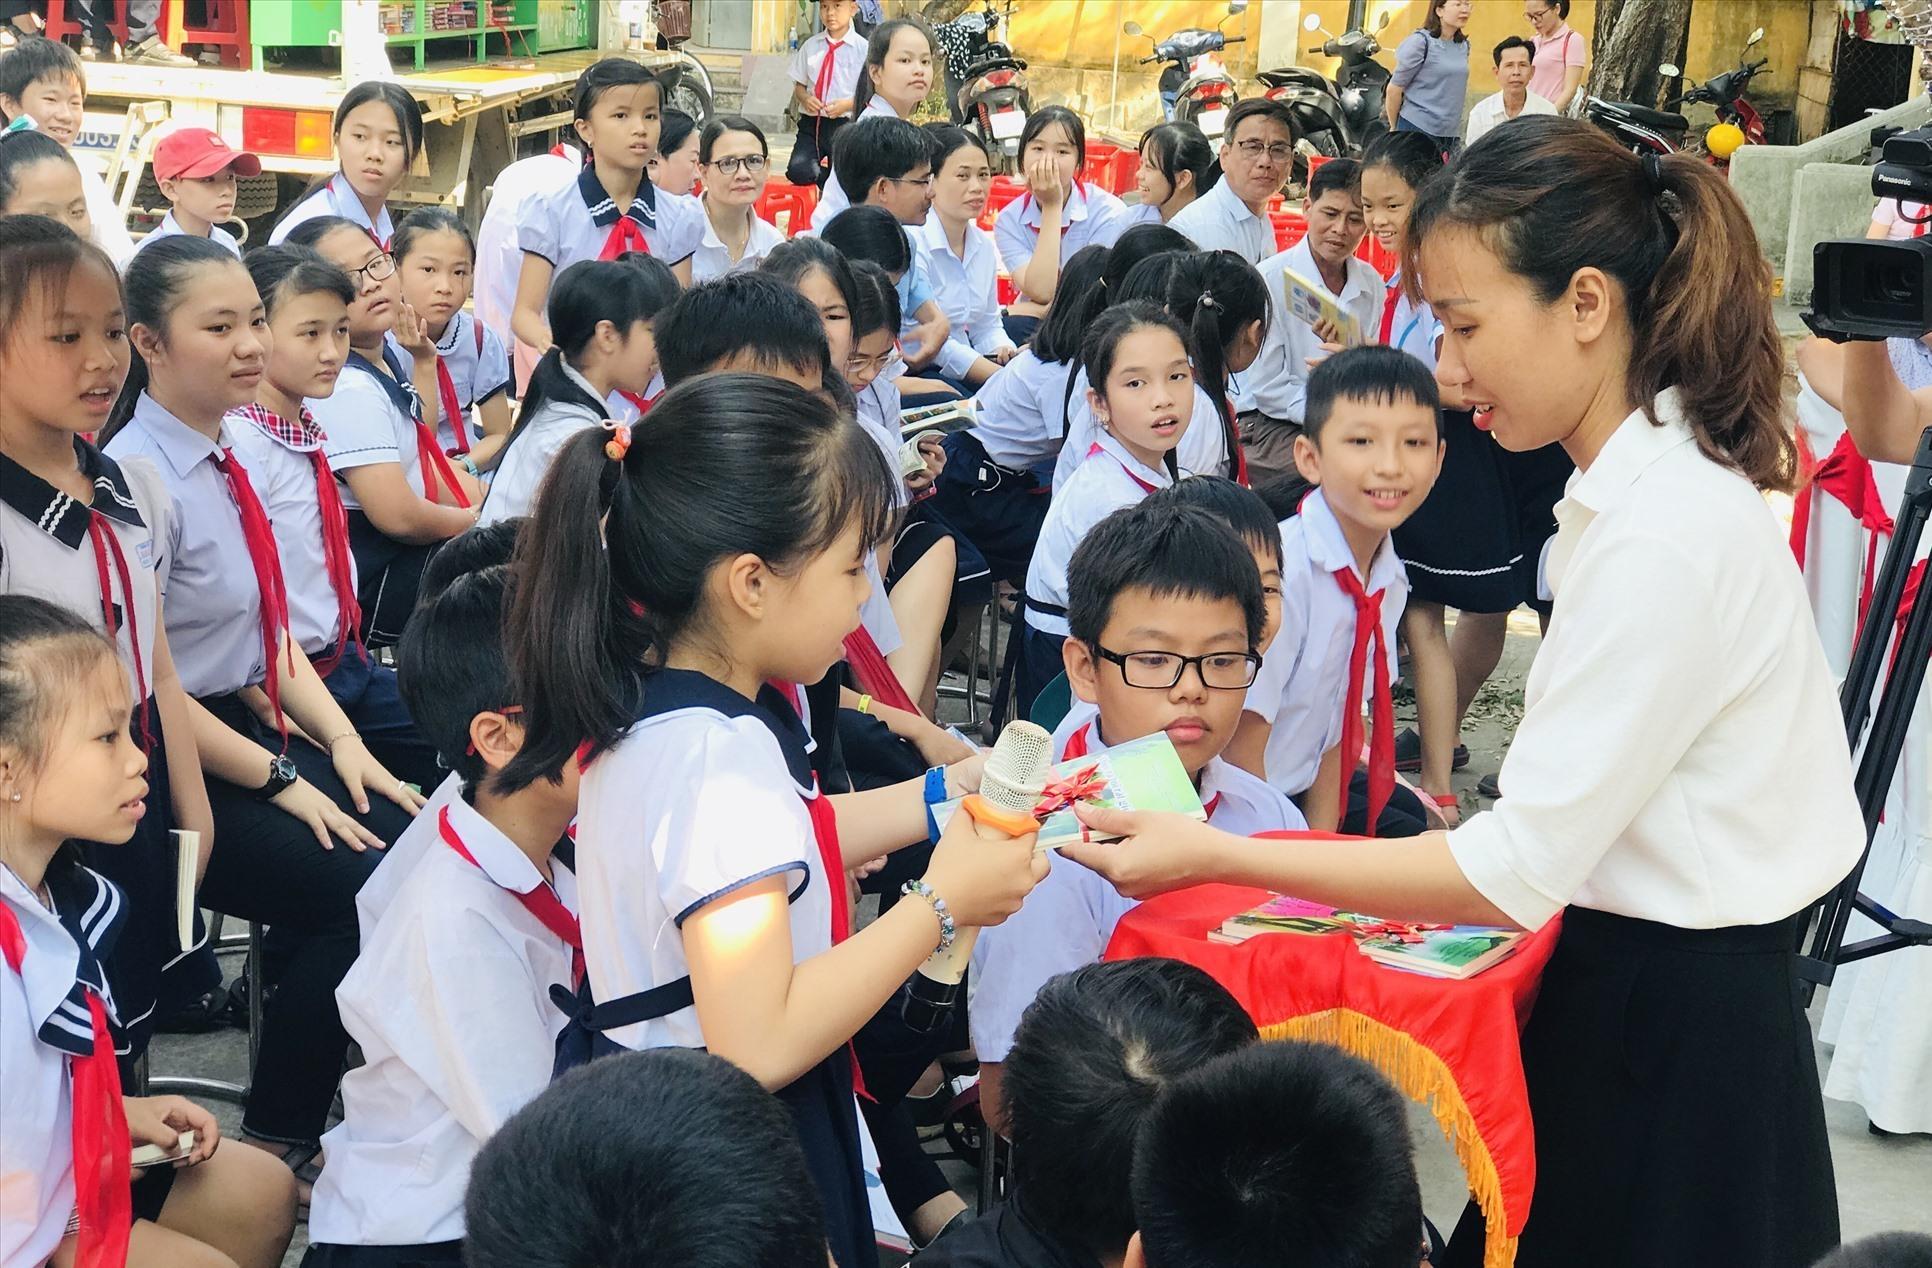 Trò chơi tương tác nhận quà thu hút sự tham gia sôi nổi của học sinh. Ảnh: Q.T